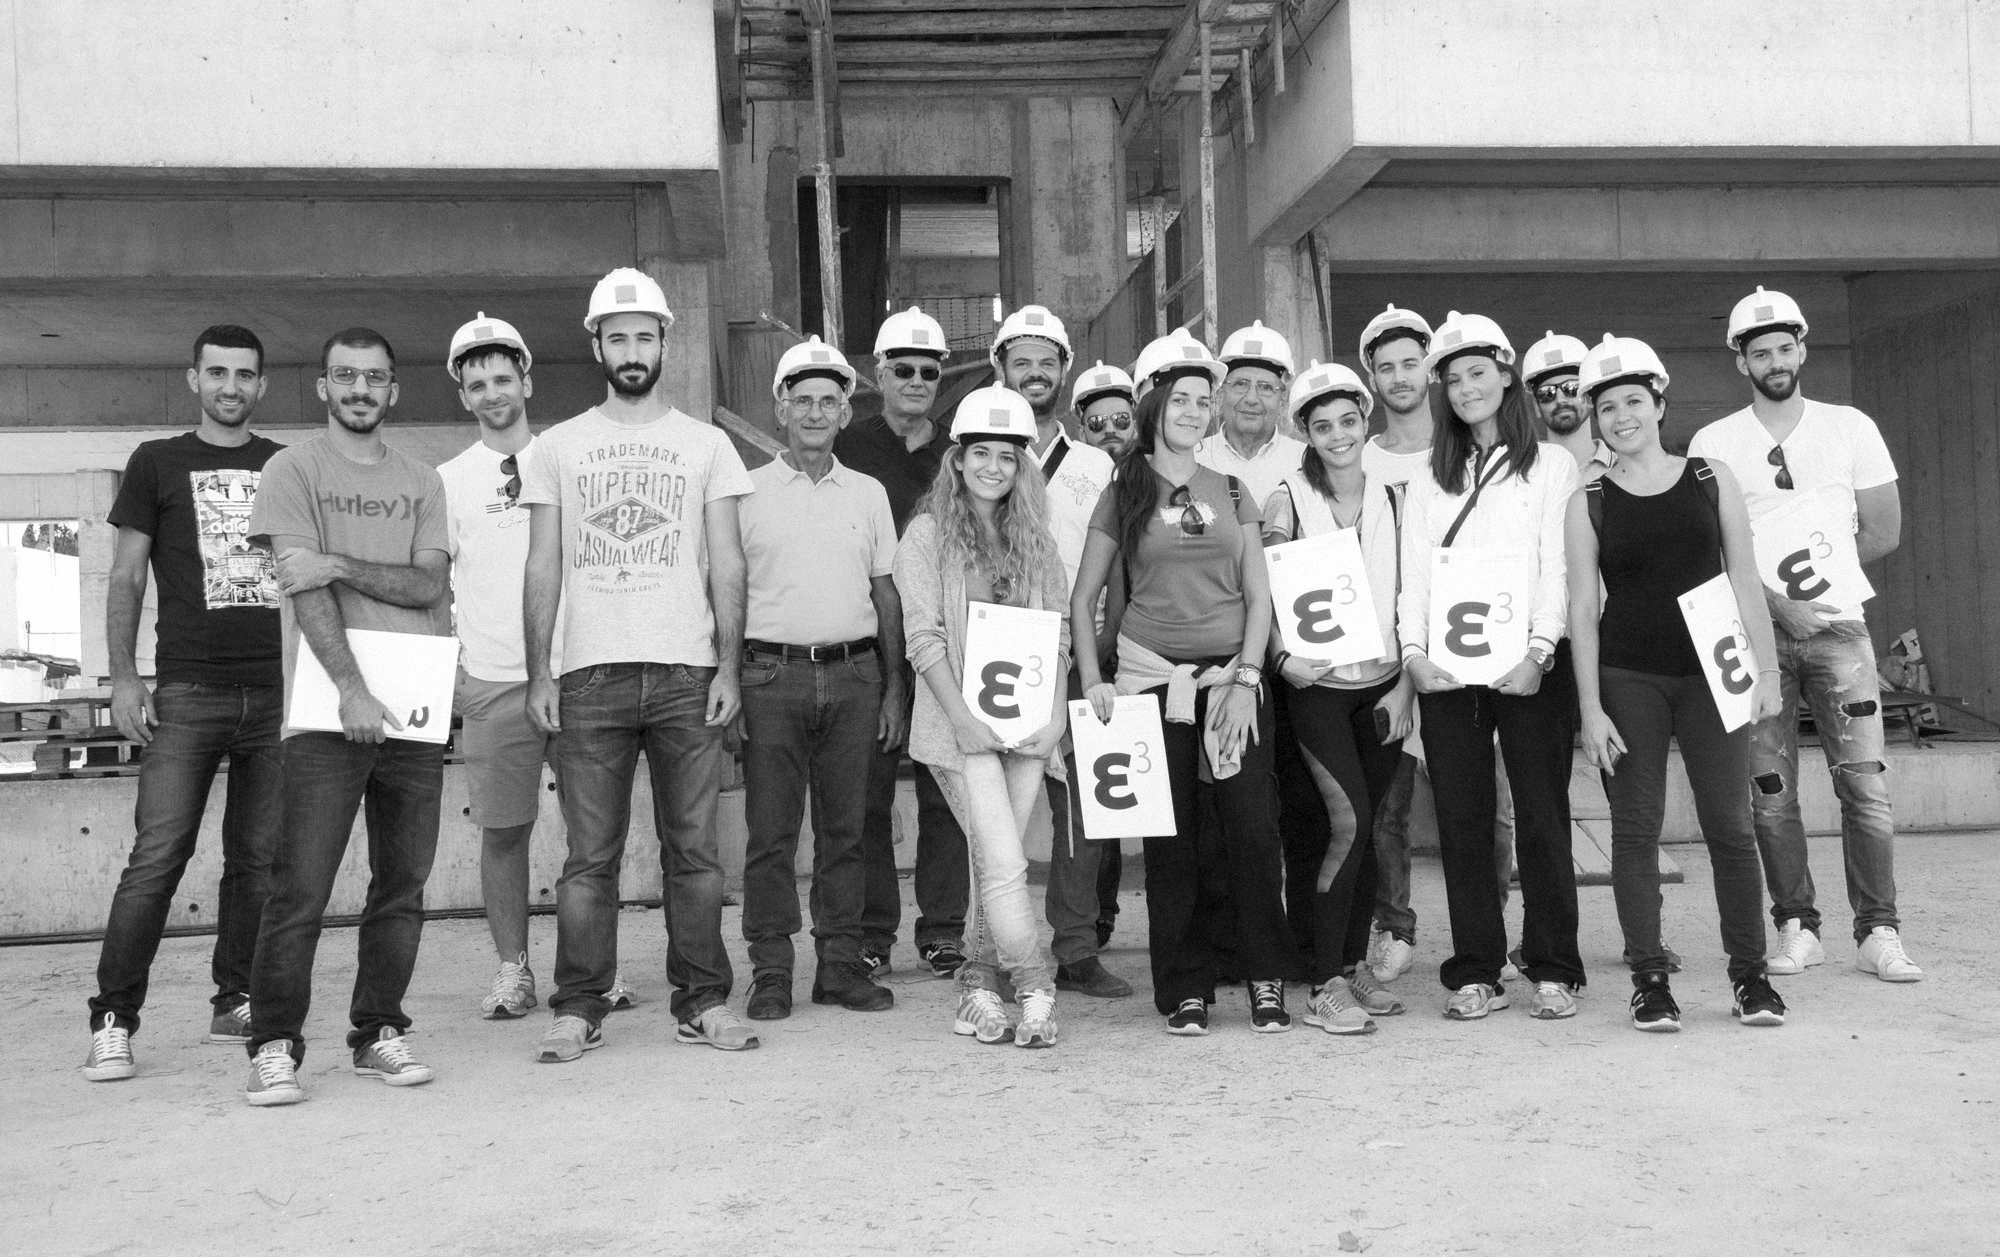 Επίσκεψη φοιτητών στο Ellinicon 3 - Student visit at Ellinicon 3